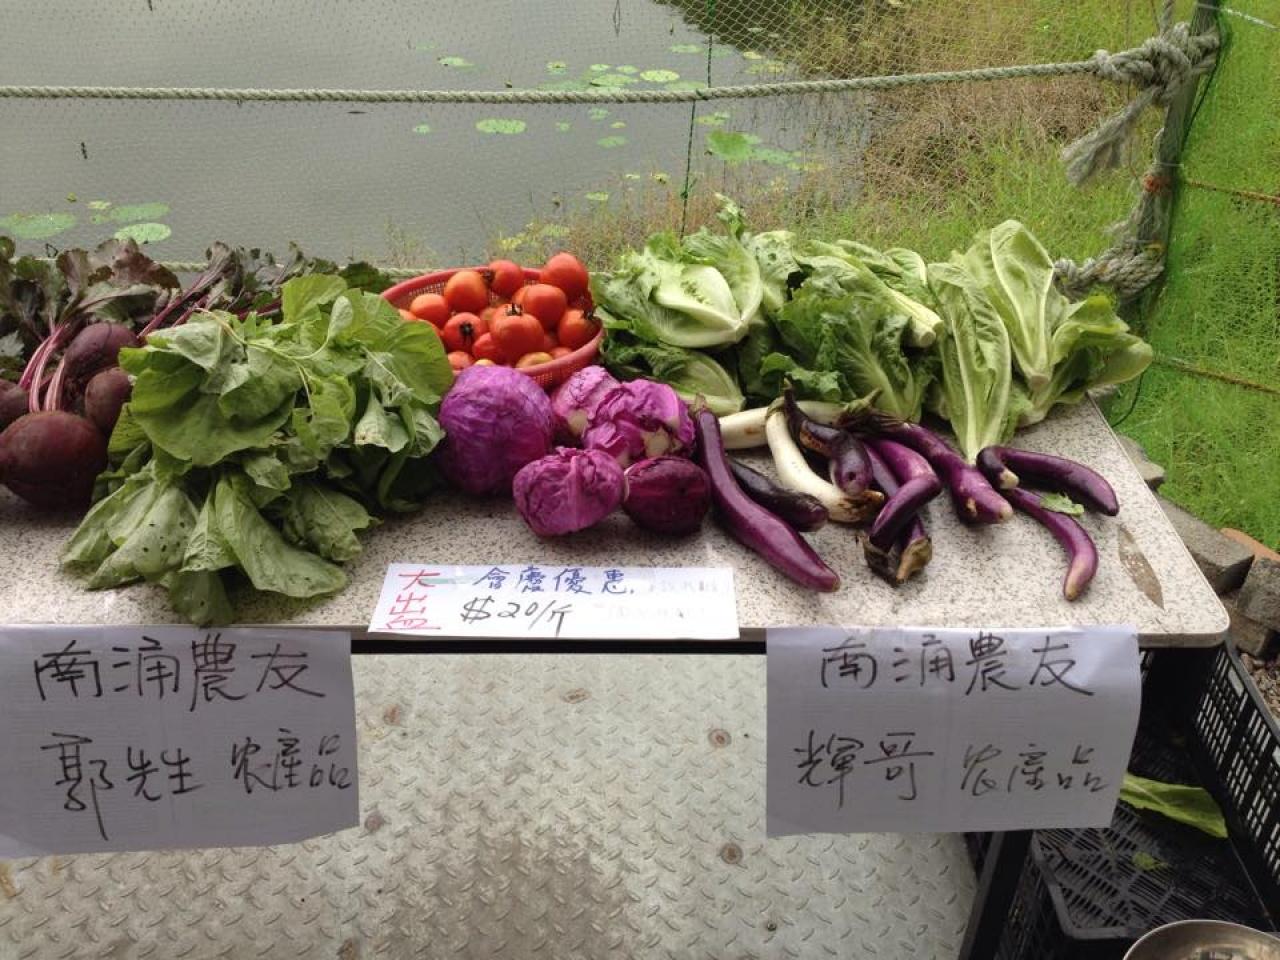 在市集當日,大家會買到活耕建養地協會的農夫和南涌的7位獨立農夫的新鮮作品。(活耕建養地協會 - 南涌FB)